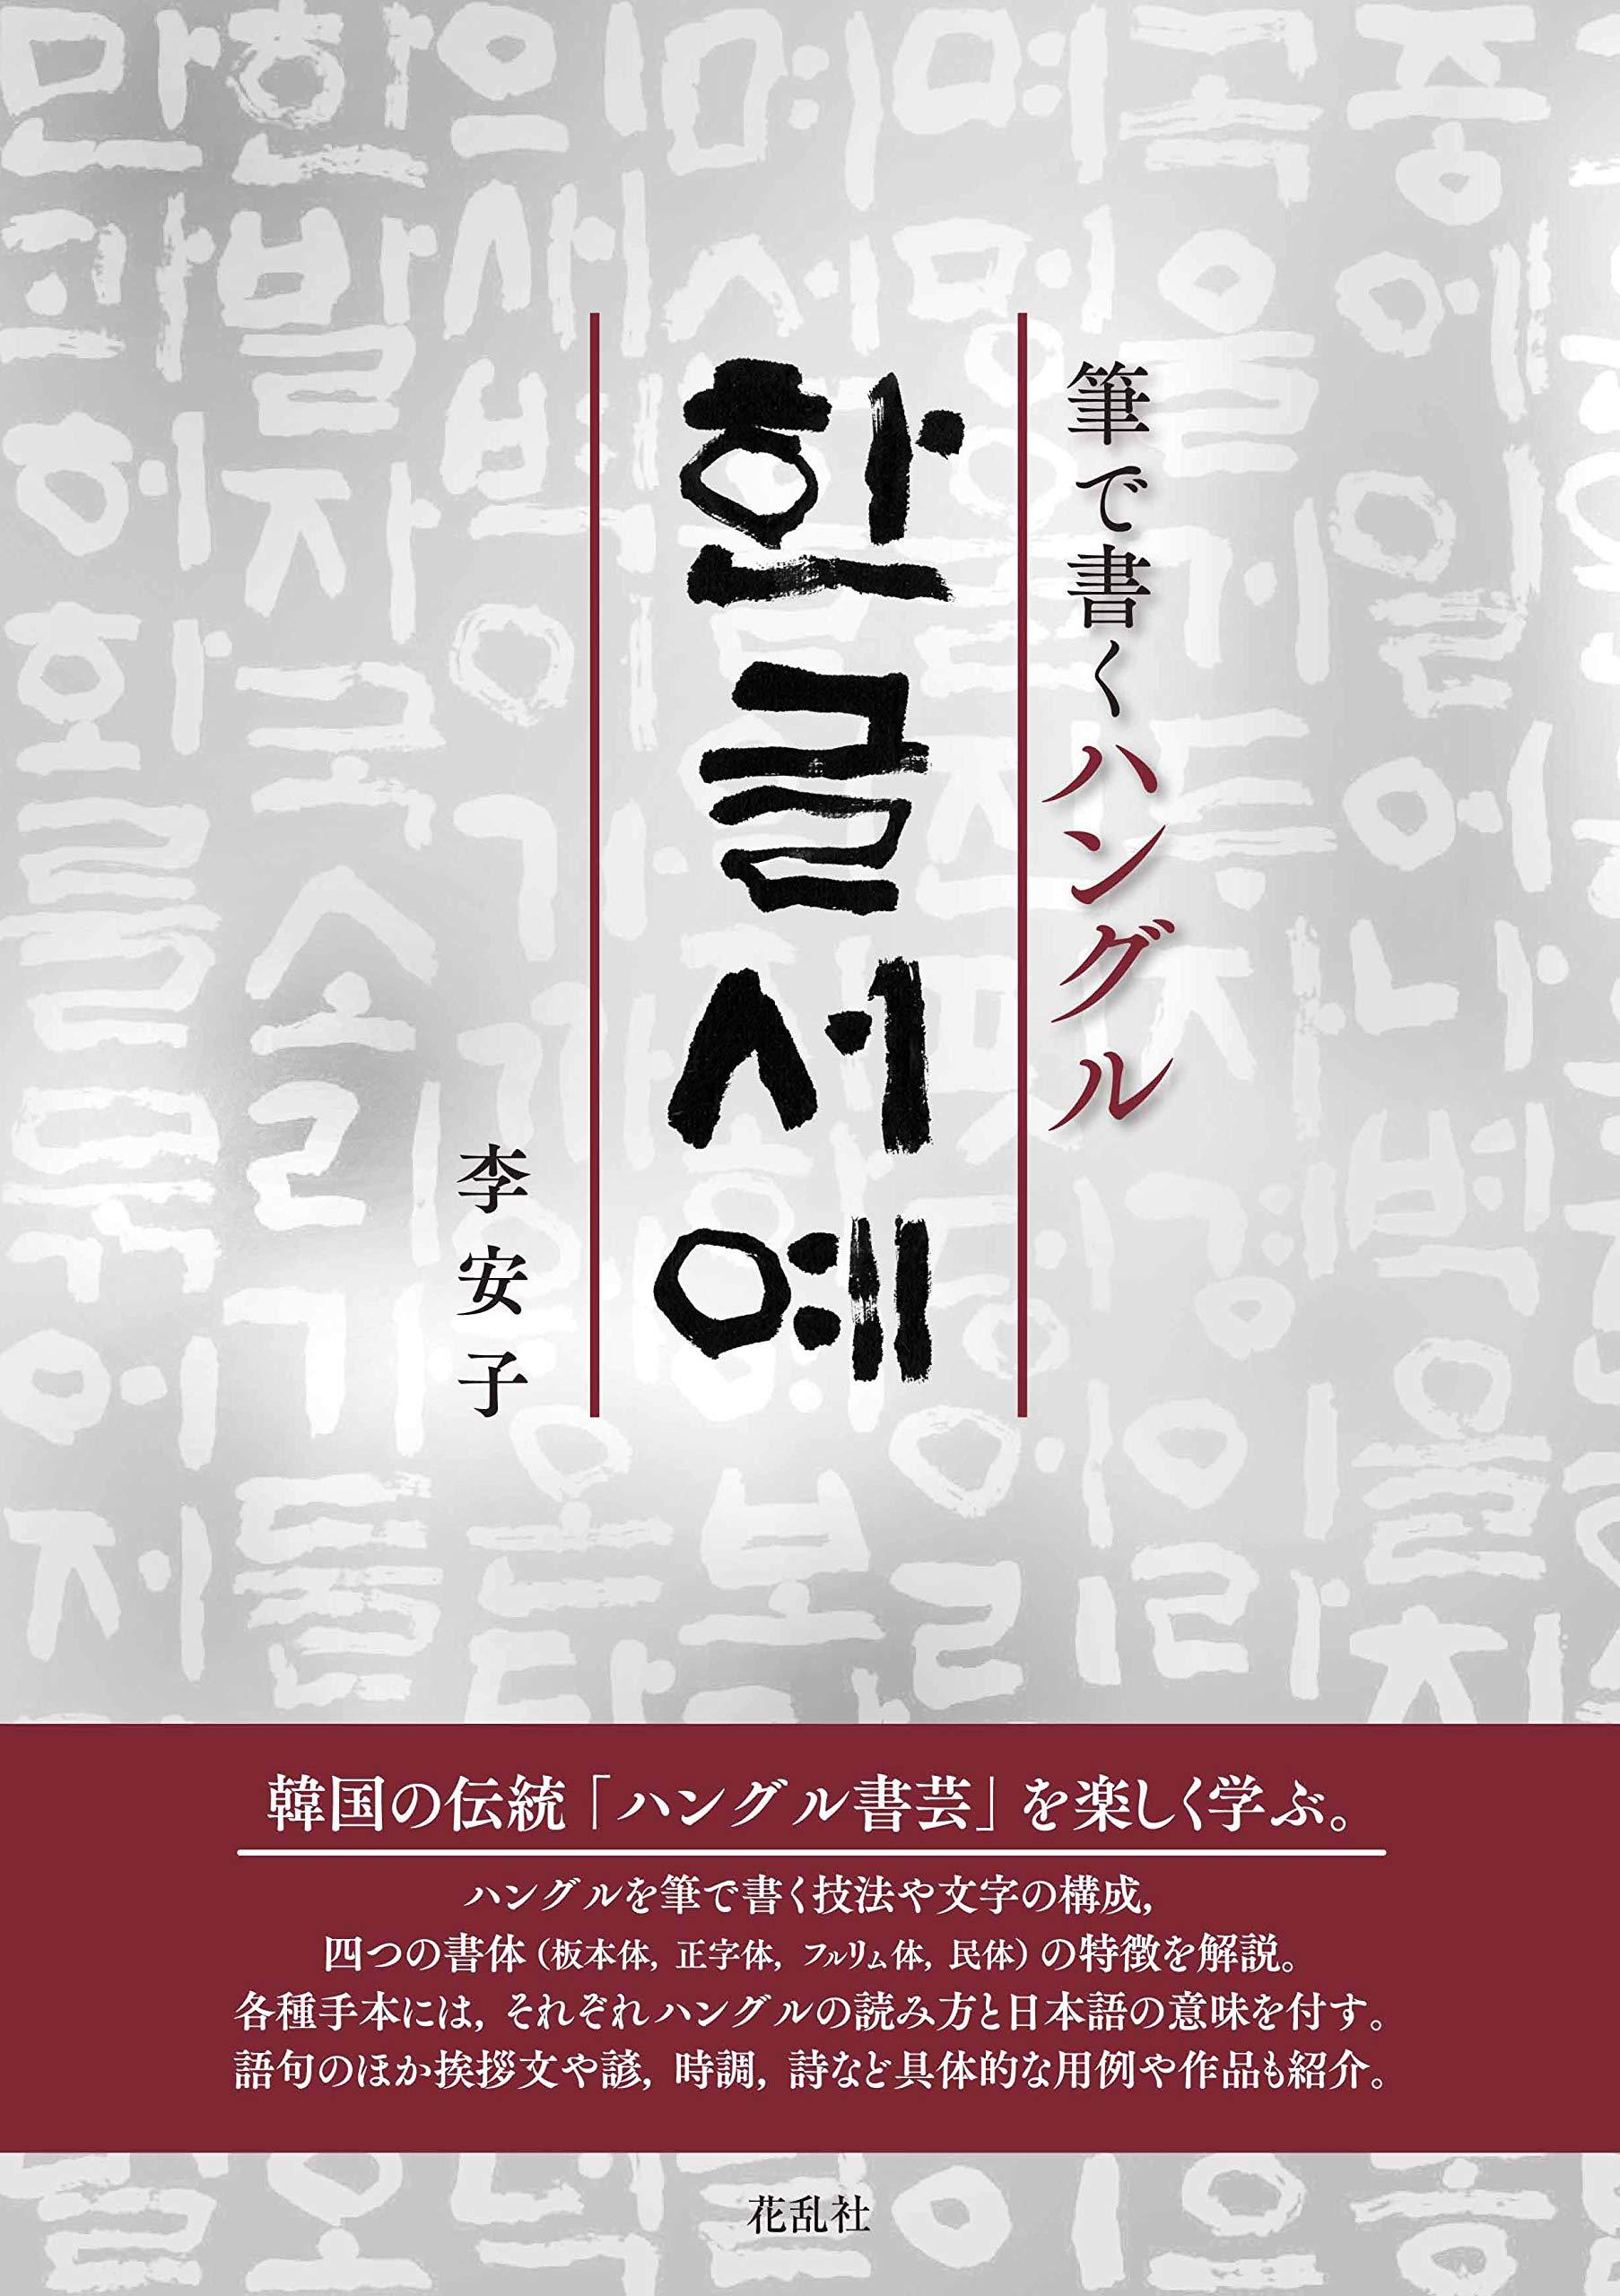 歴史 ハングル 文字